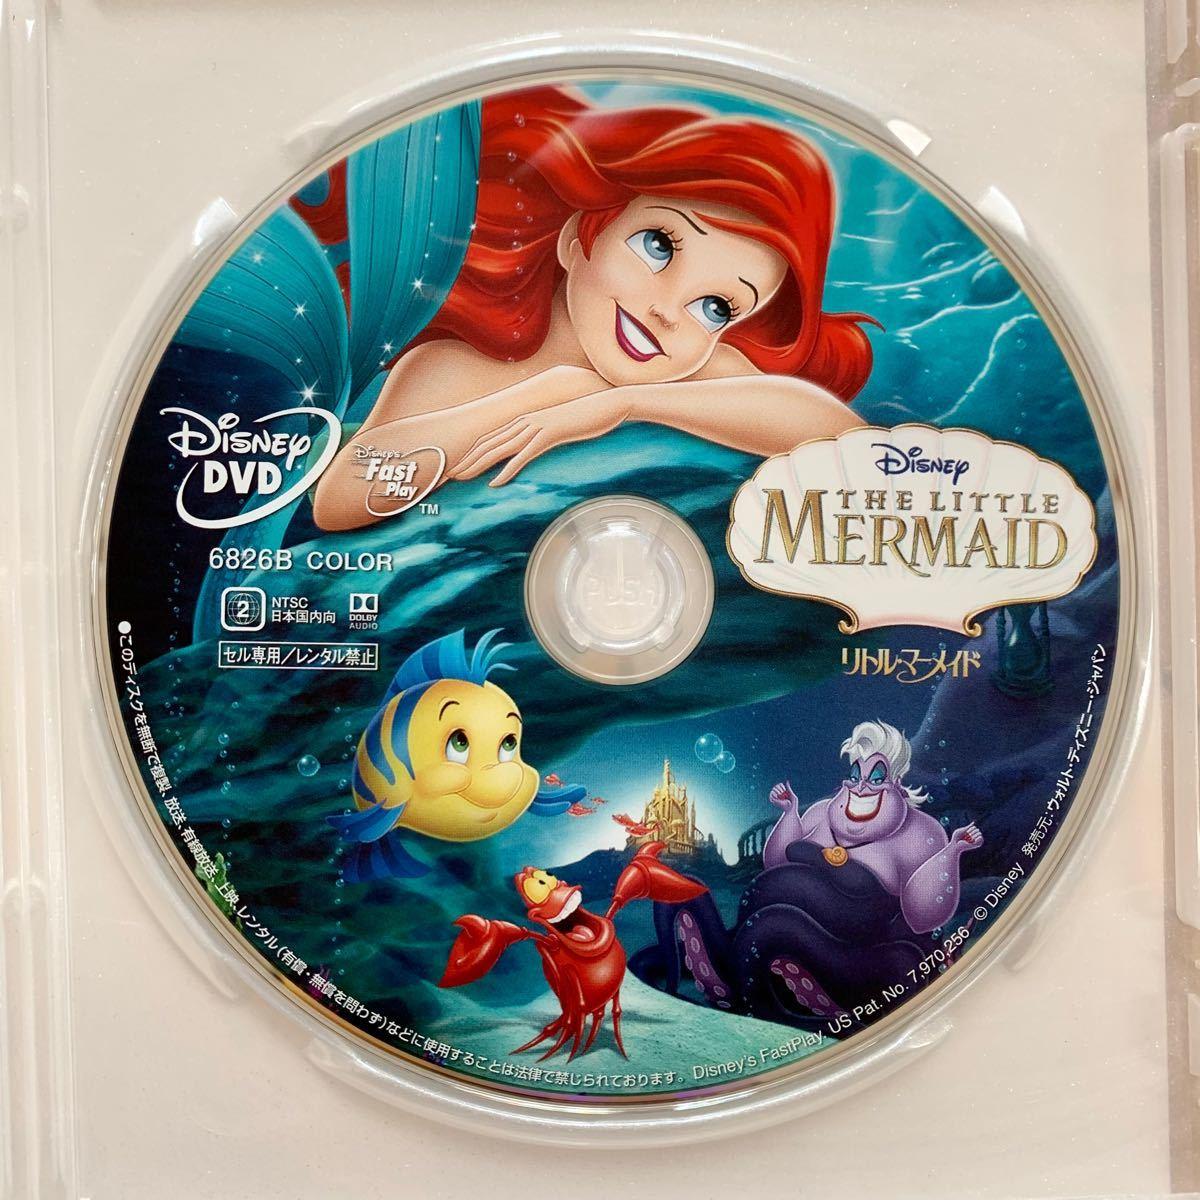 リトル・マーメイド & モアナと伝説の海 DVDセット 新品未再生  ディズニープリンセス MovieNEX disney